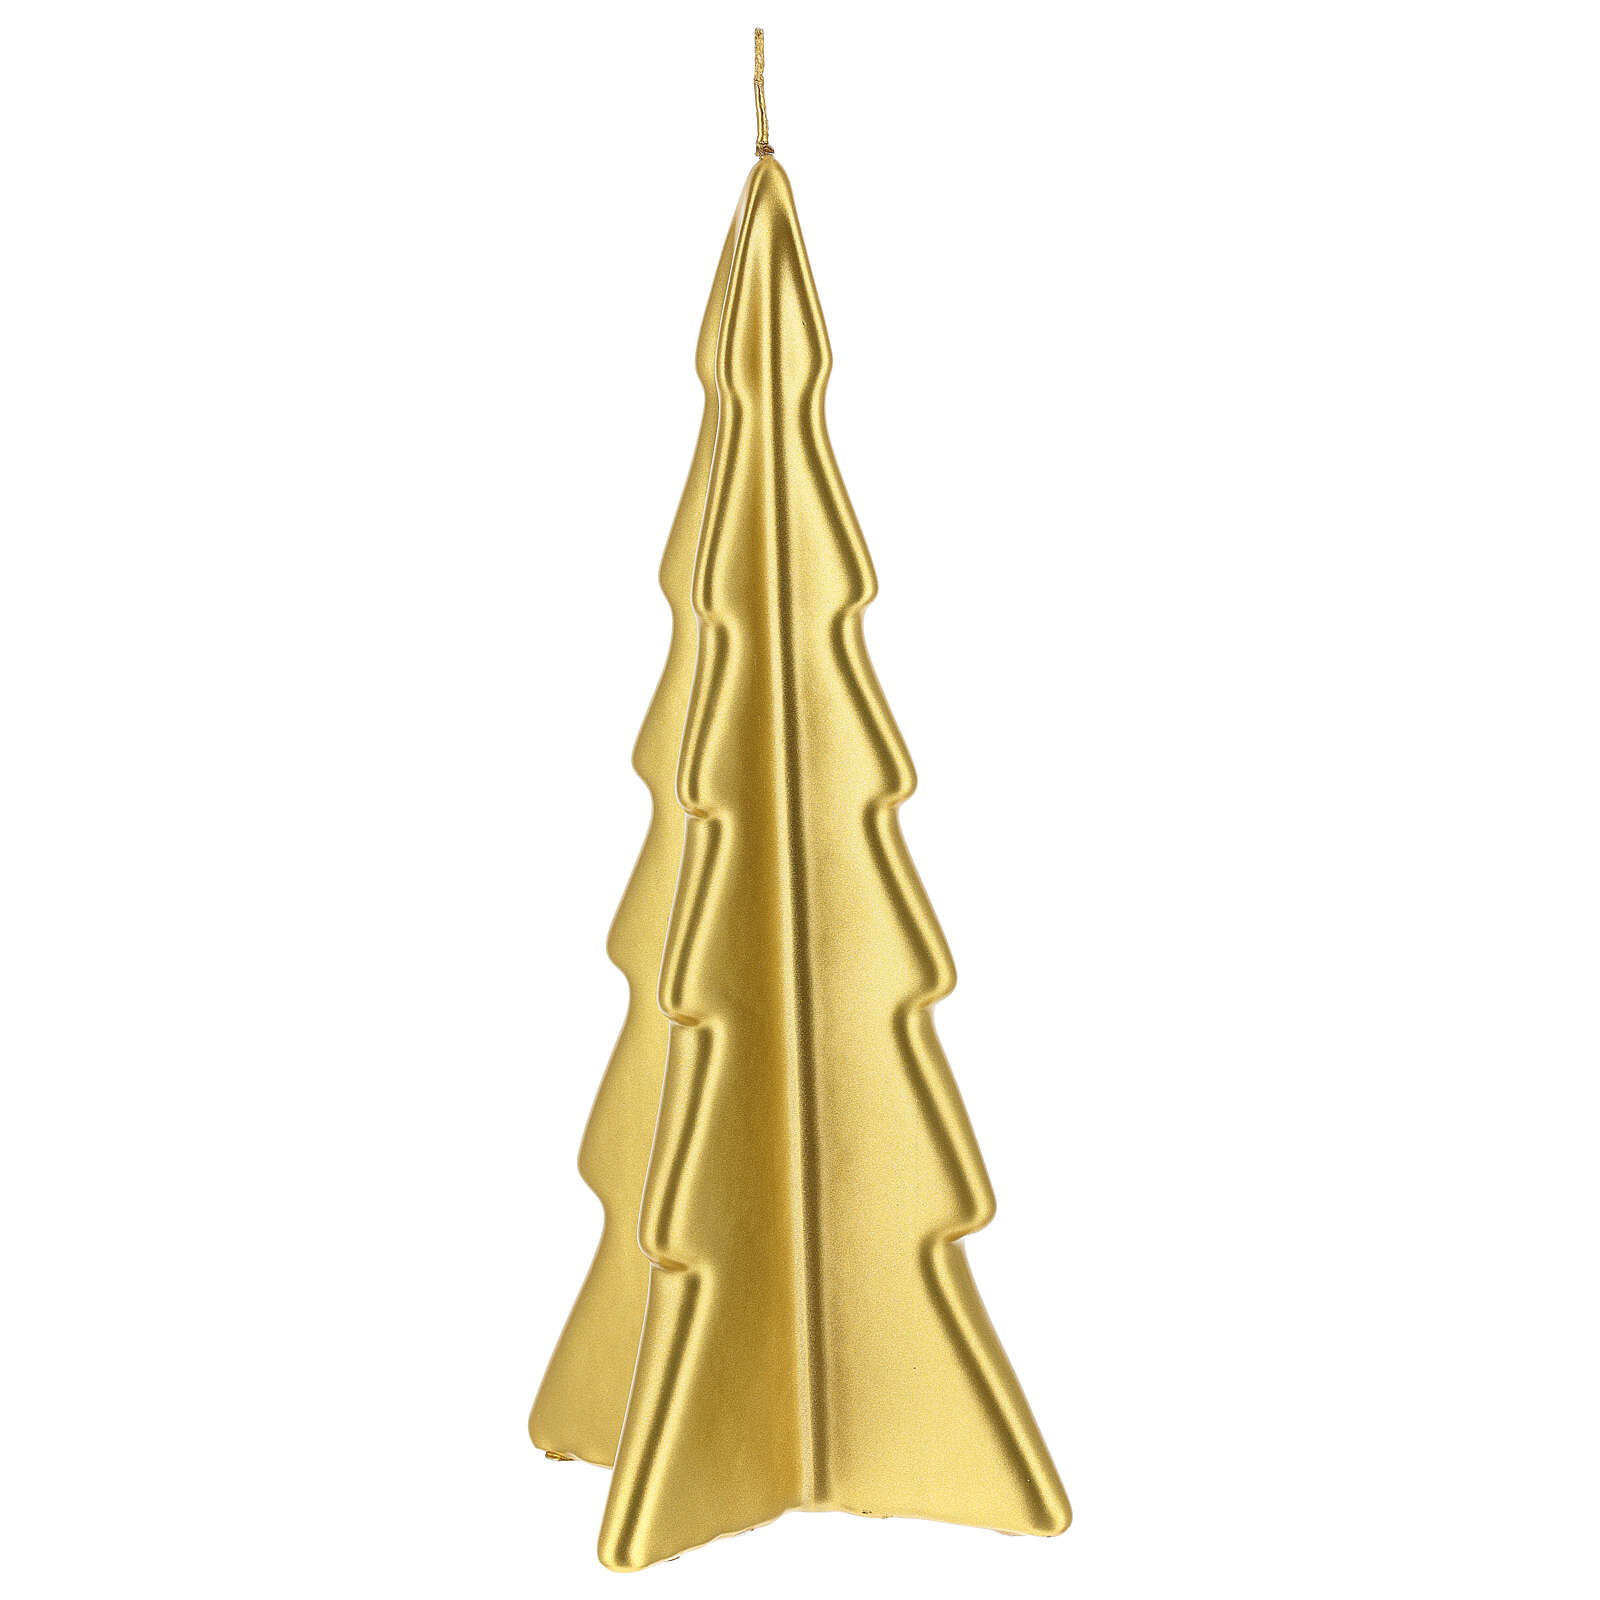 Vela de Natal árvore dourada modelo Oslo 26 cm 3